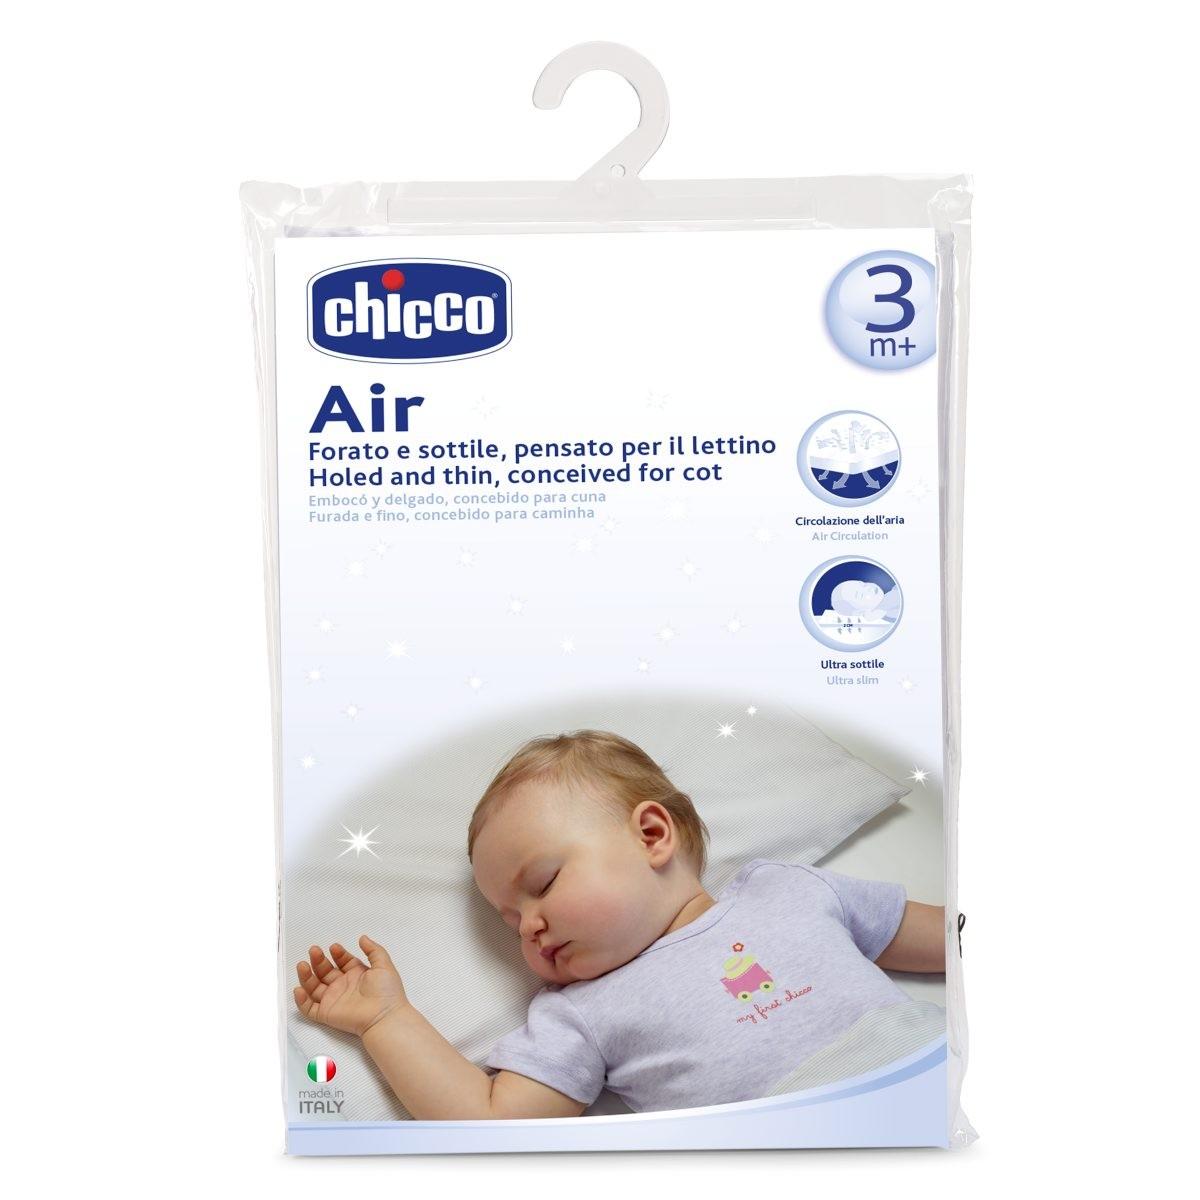 Image of Air Cuscino Per Lettino Chicco®